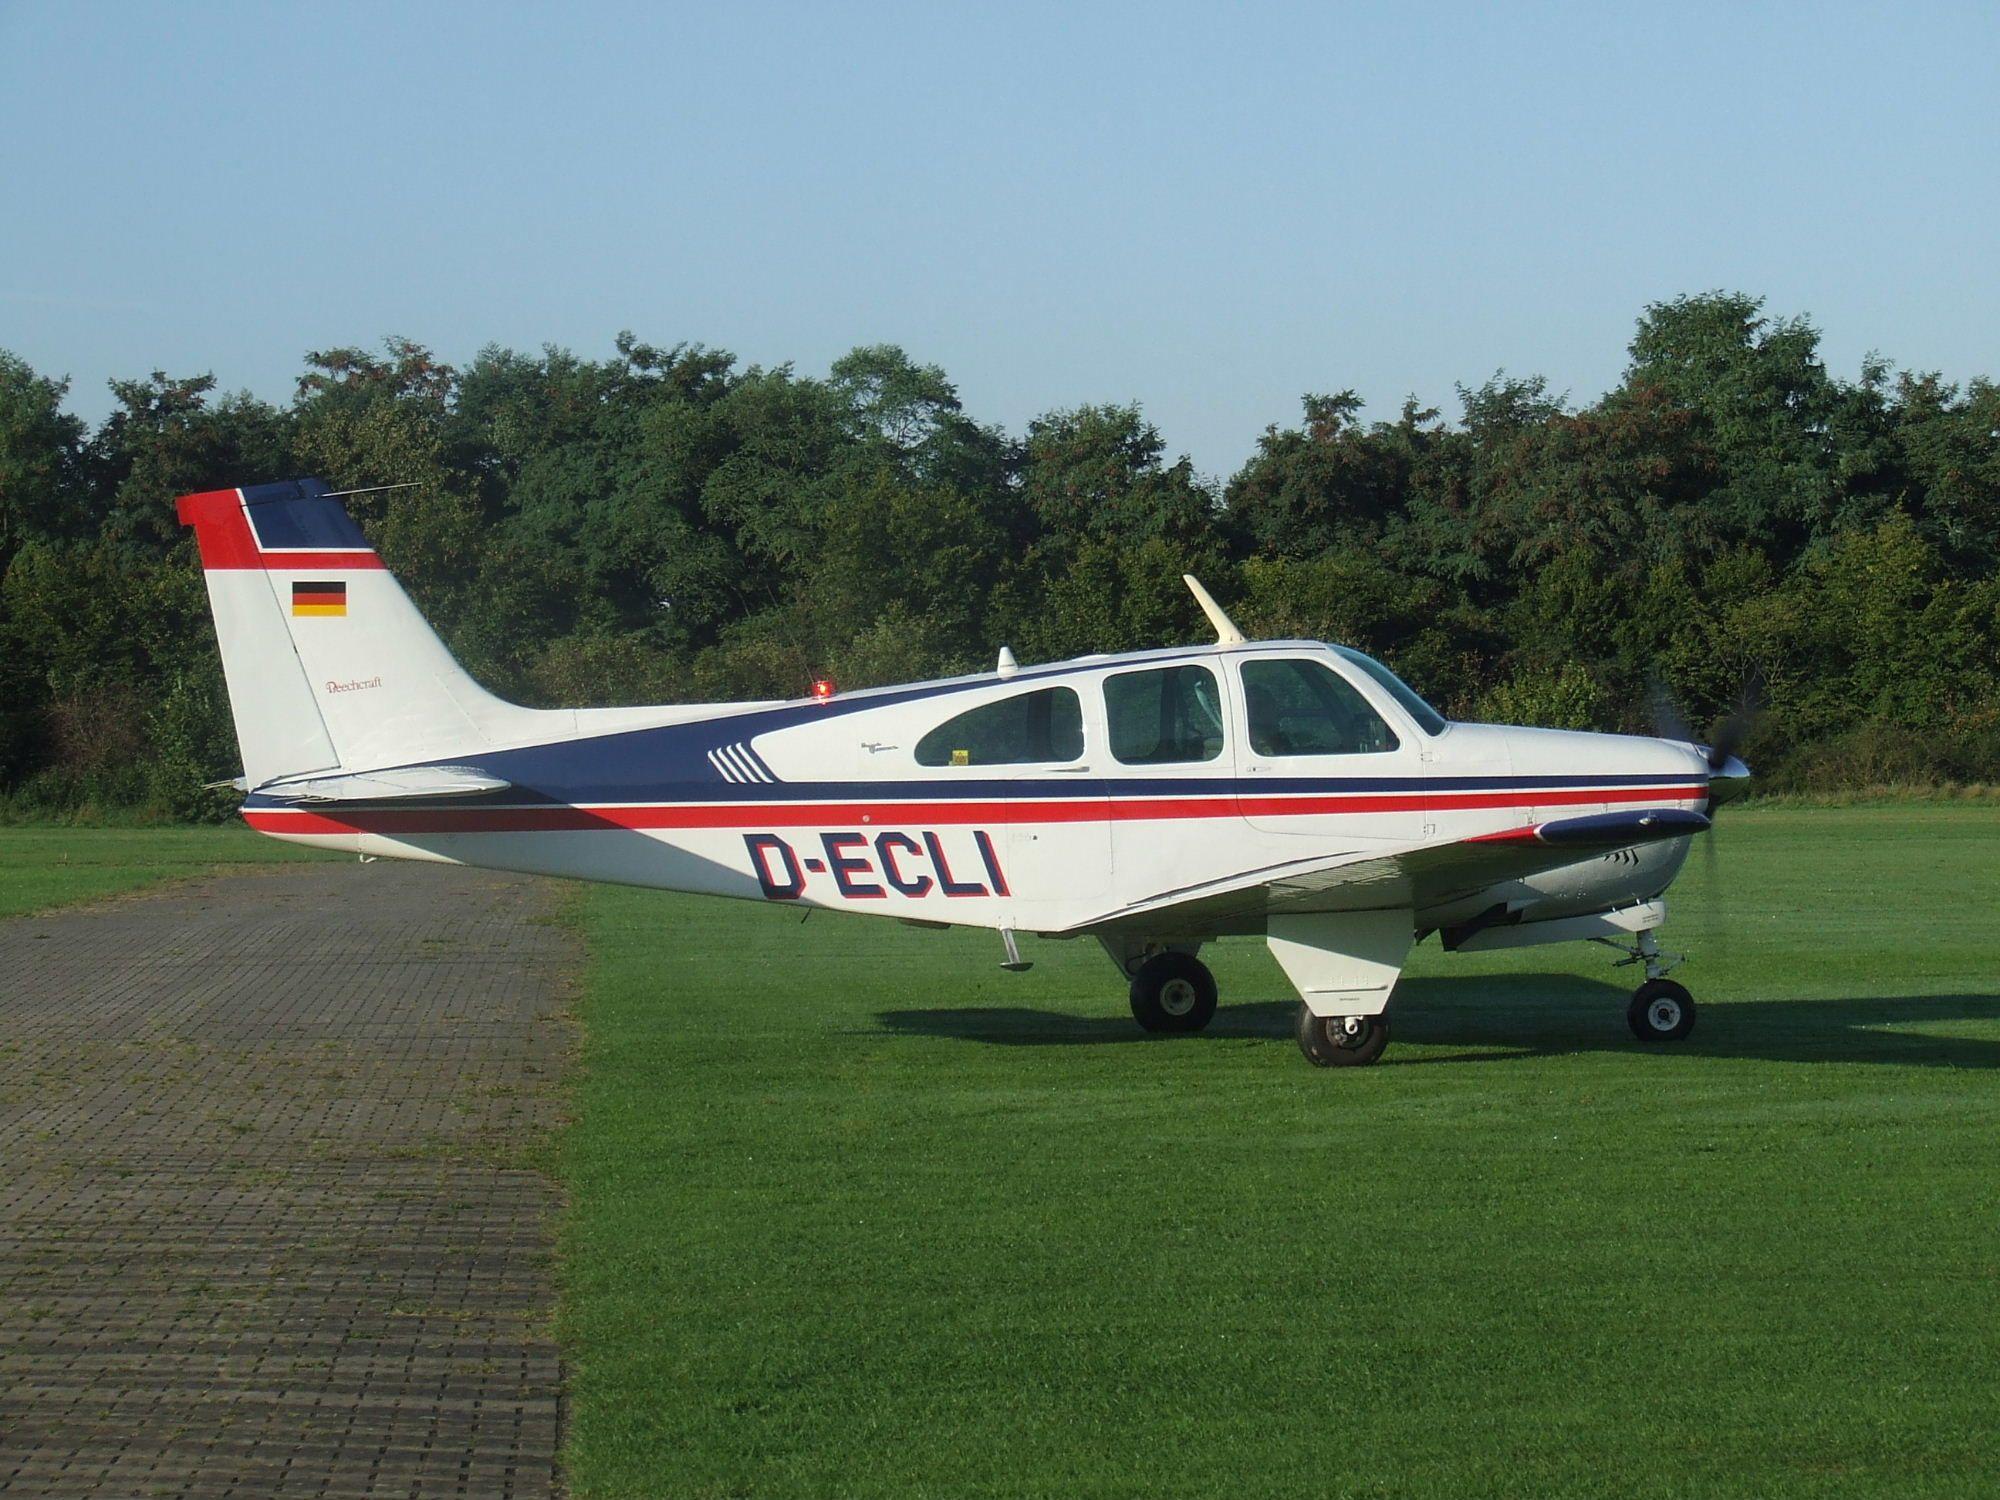 DSCF5282kl.JPG